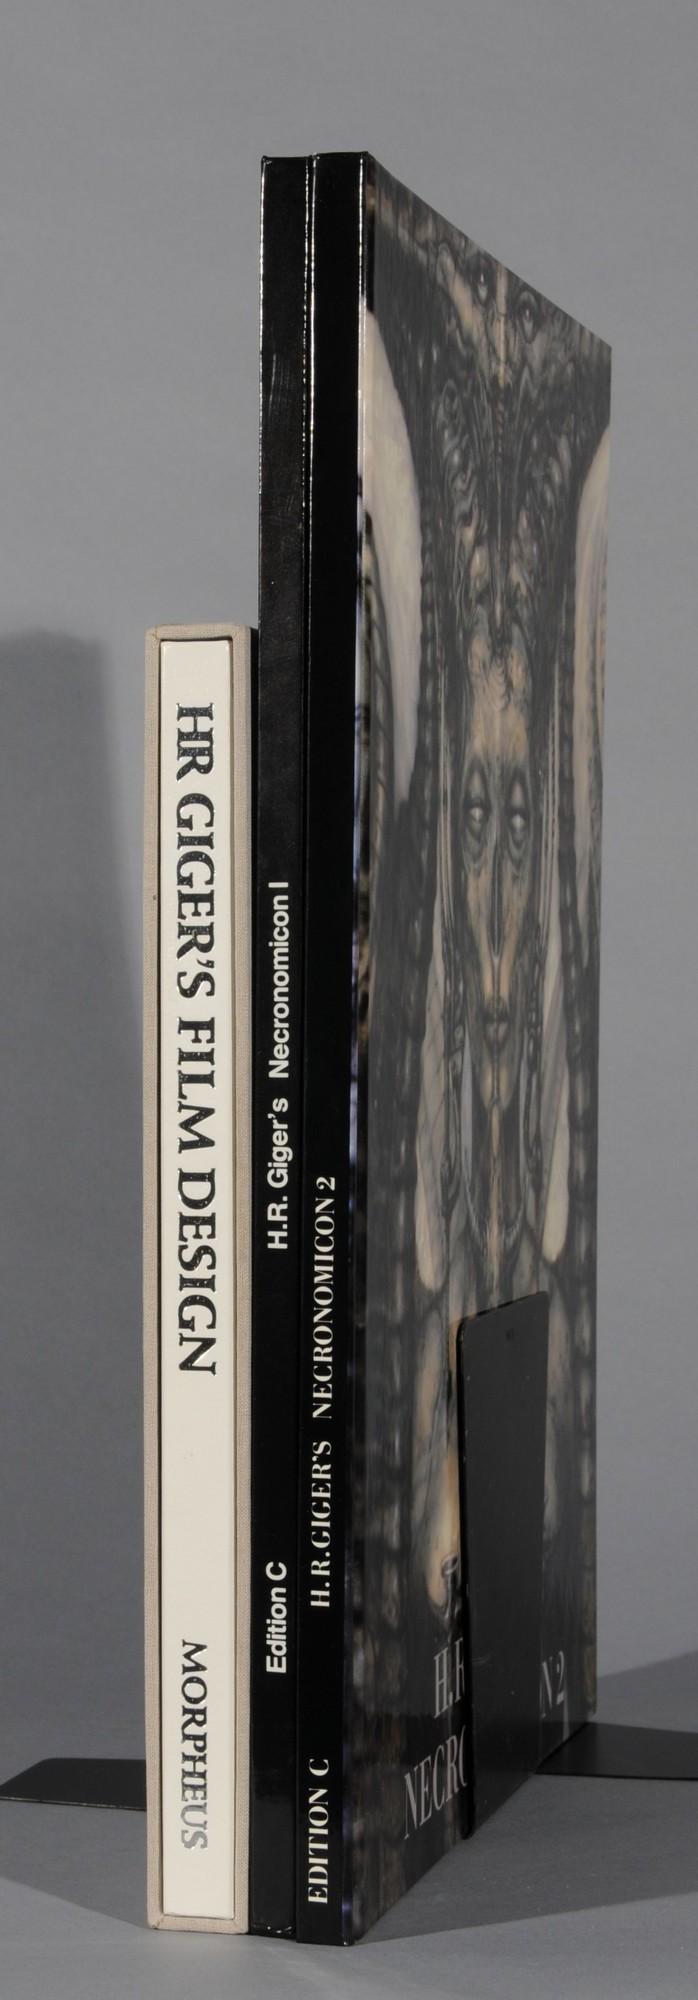 Giger H.R., Book. HR Giger's Film Design